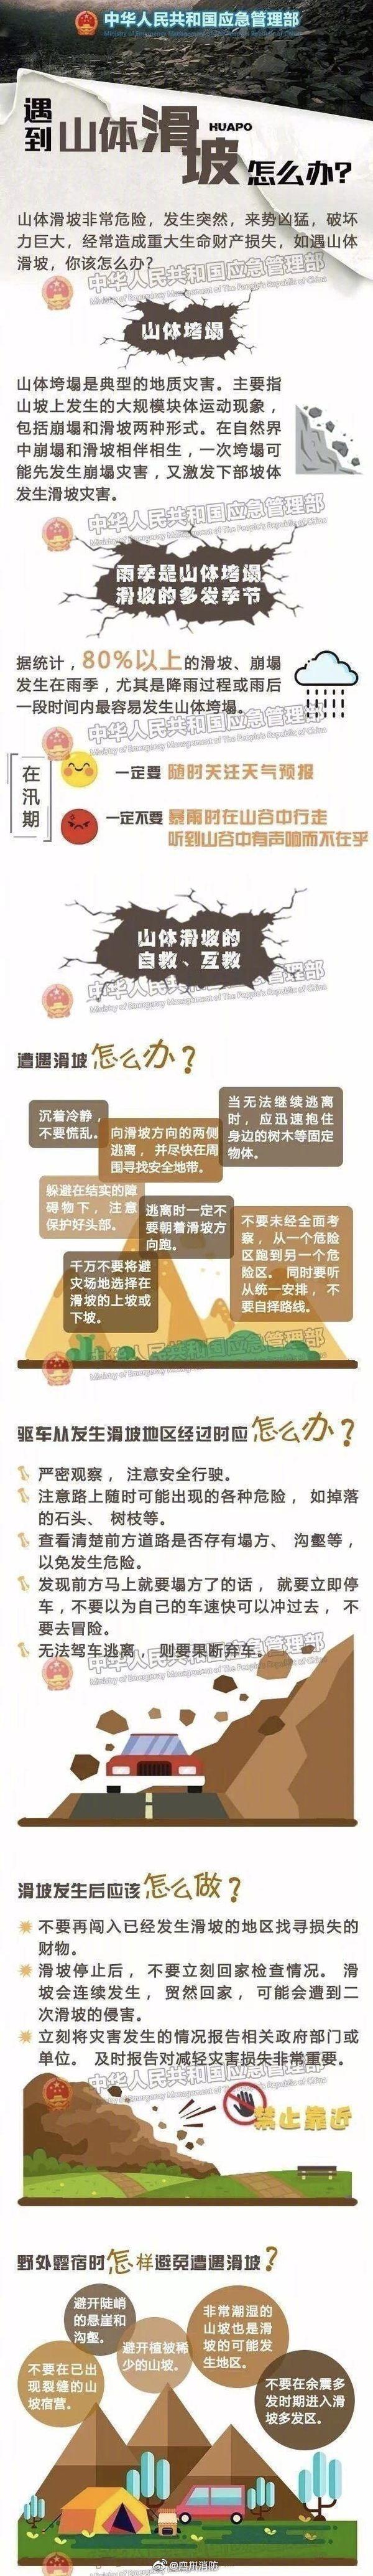 惊心动魄!四川凉山山体垮塌前几秒有两辆卡车刚刚驶过